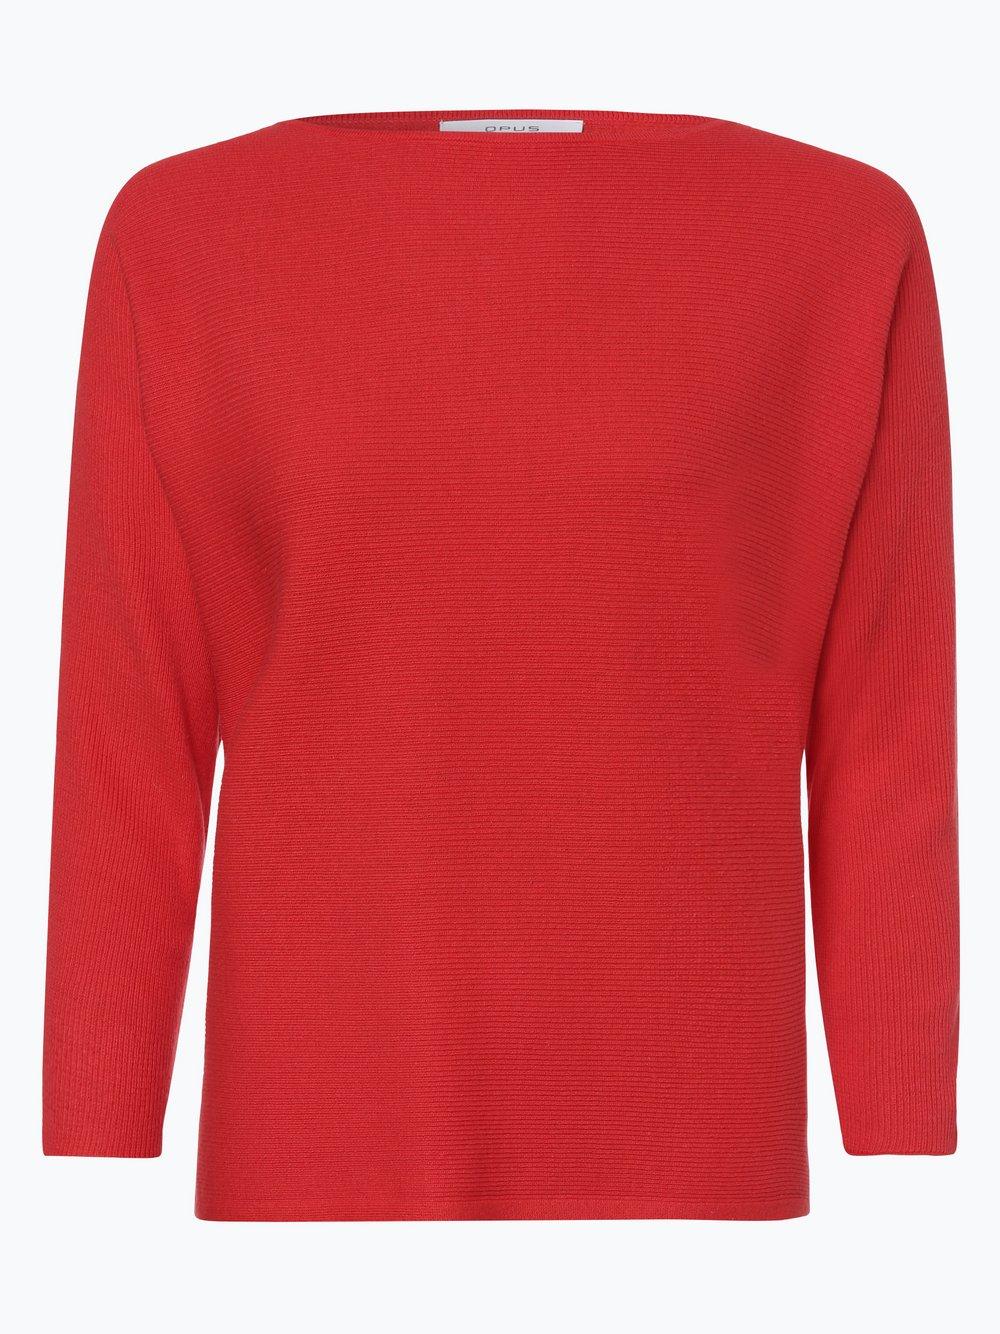 Opus Damen Pullover Pusine online kaufen | PEEK UND